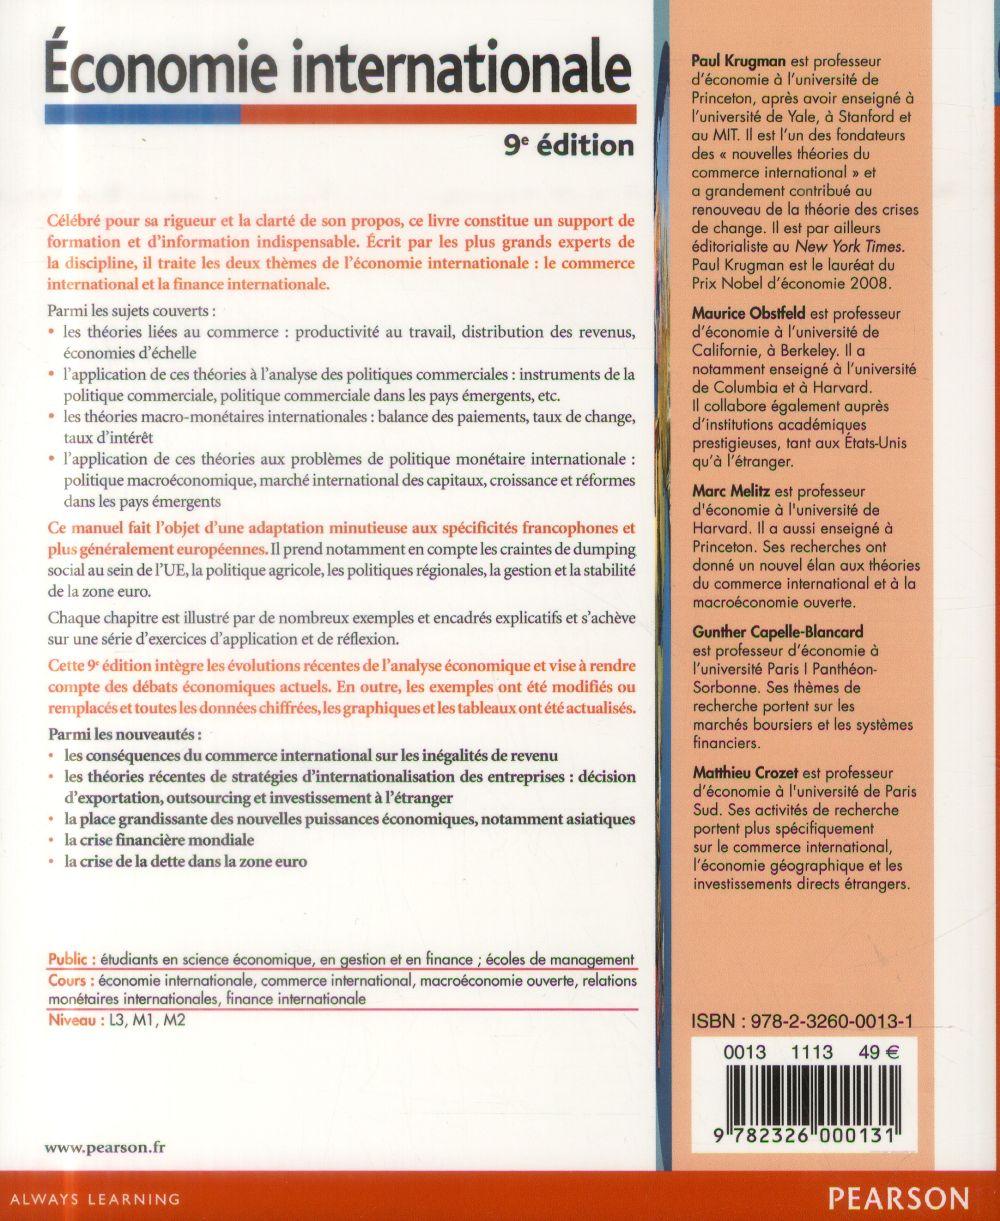 économie internationale (9e édition)